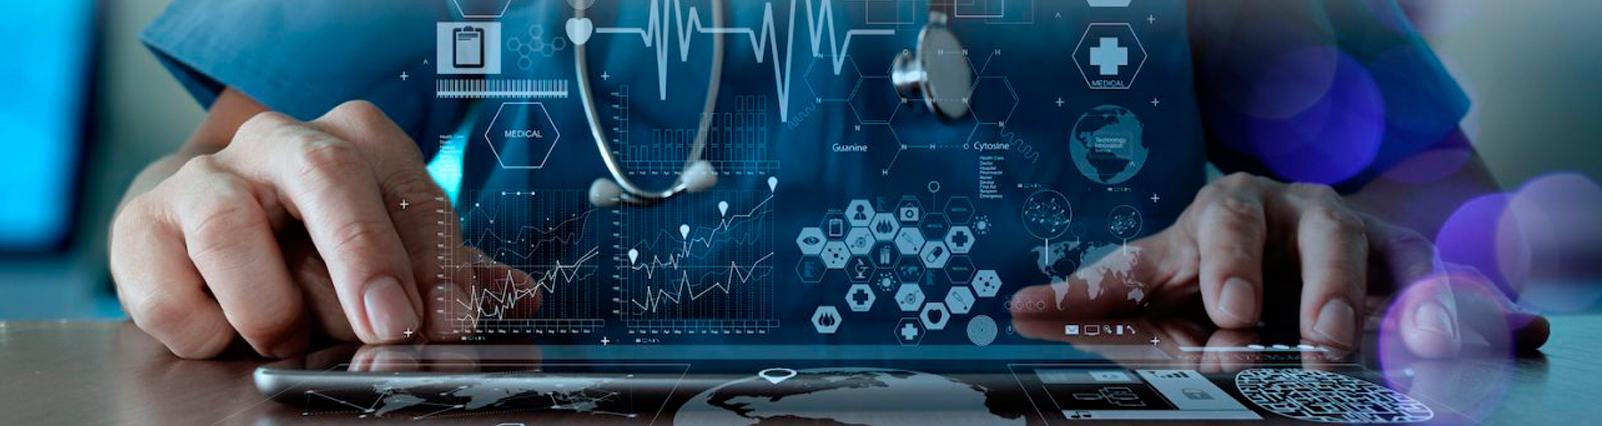 Saiba mais sobre gestão de cooperativas de saúde